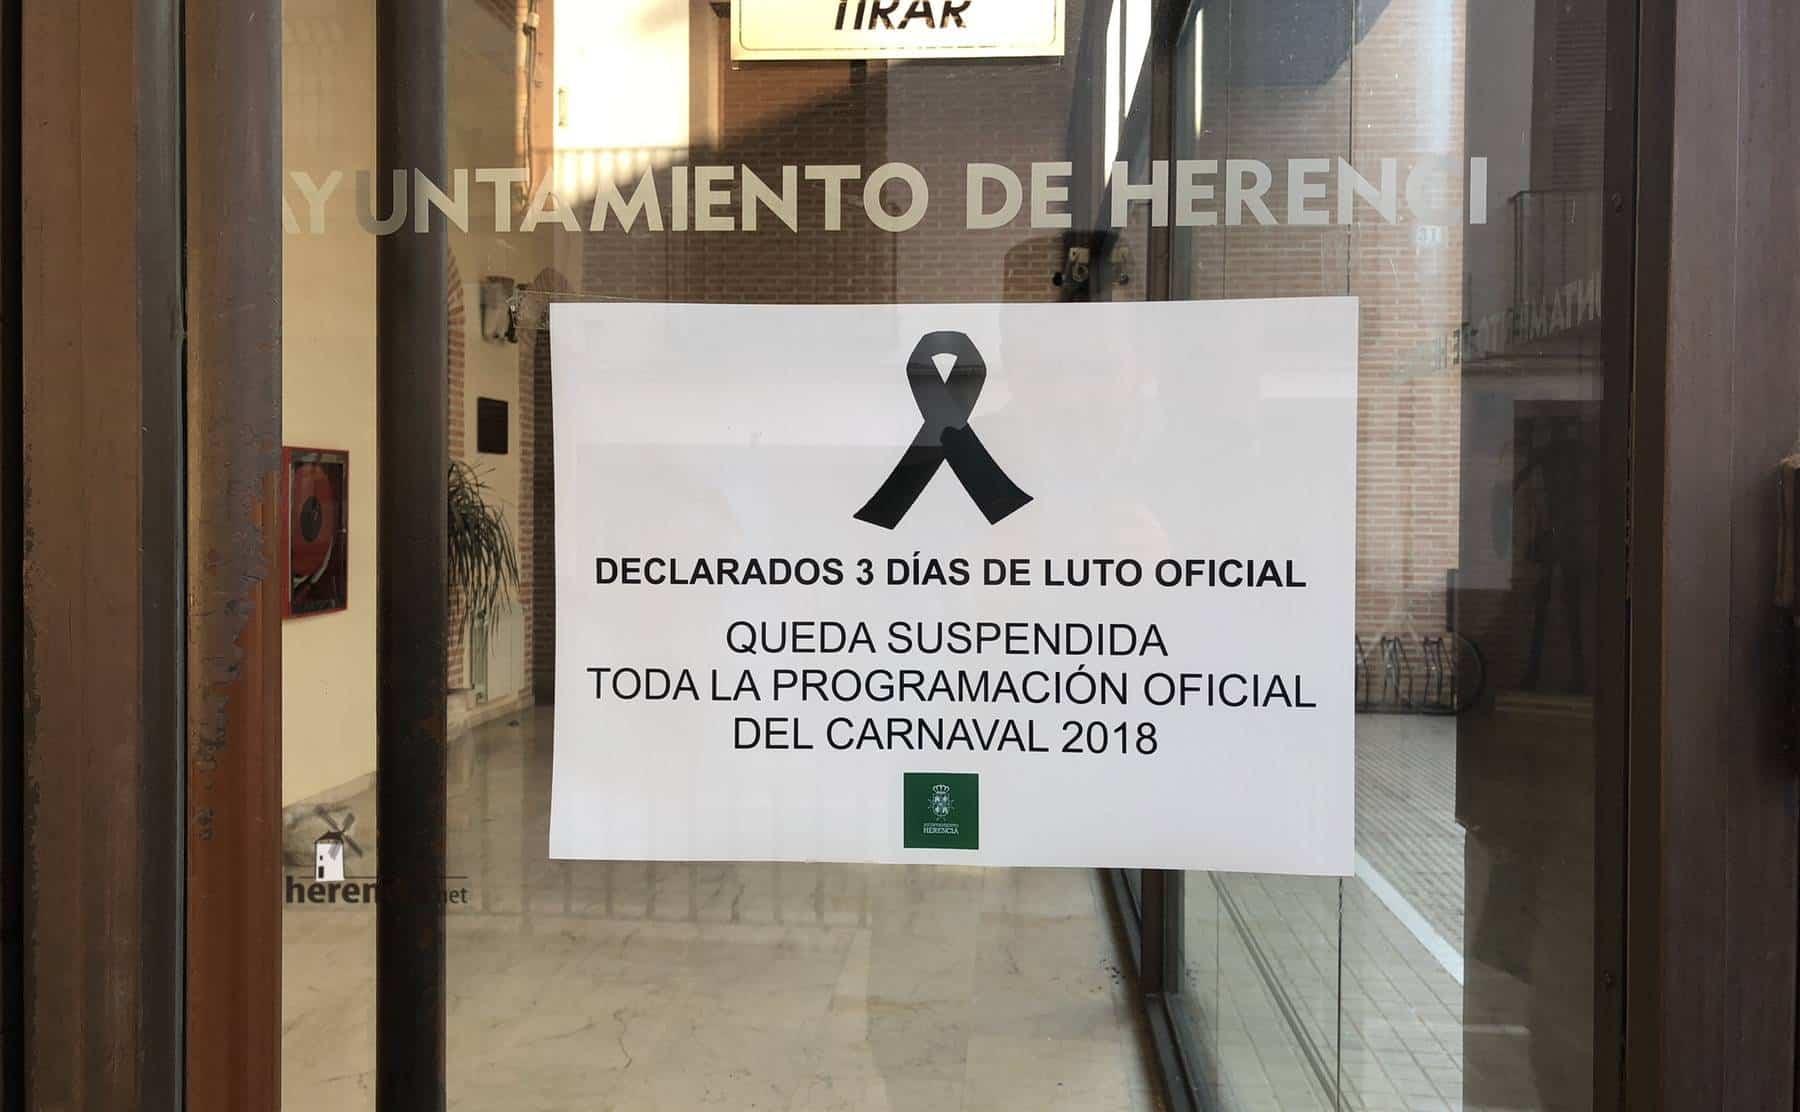 Herencia muestra su condena a la violencia en la Plaza de España 12